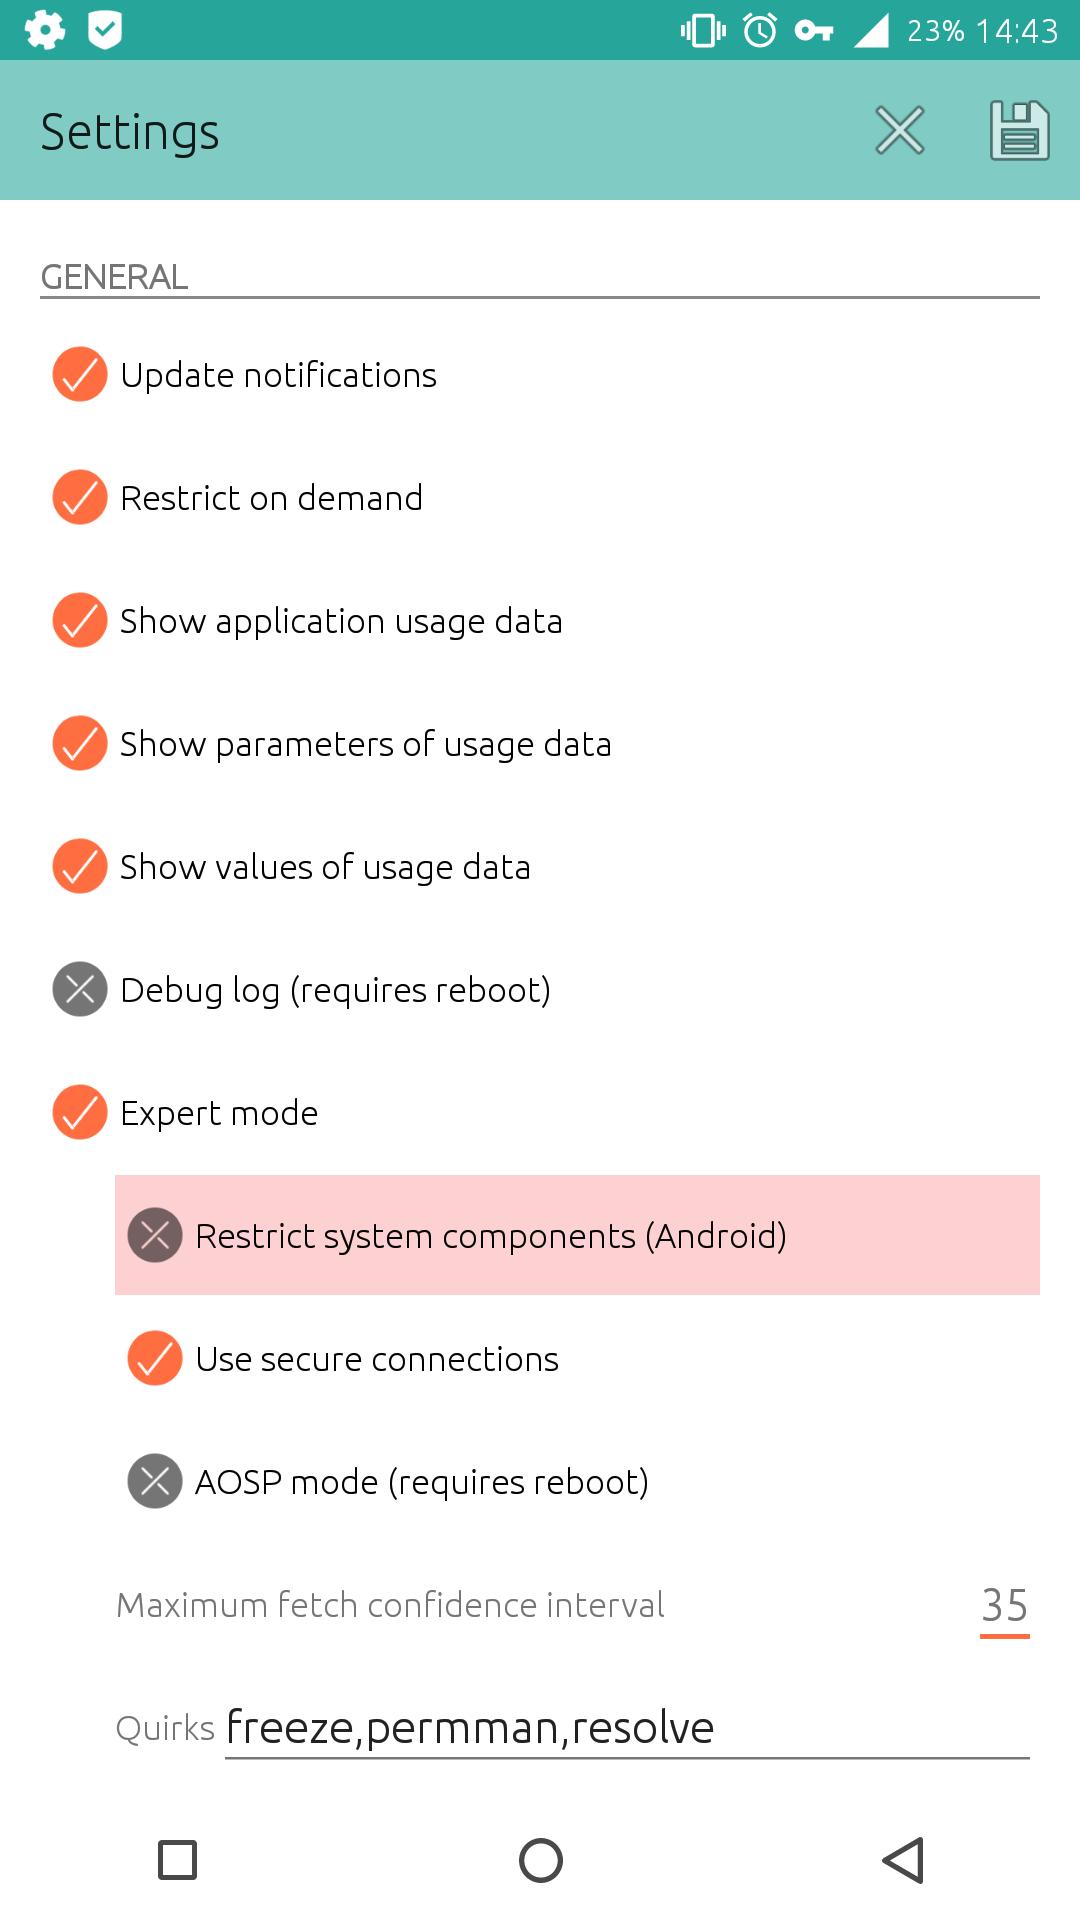 [PARTAGE] Partage configuration Nexus 5 : ROM, apps, paramètres,... - Page 2 146422351768366